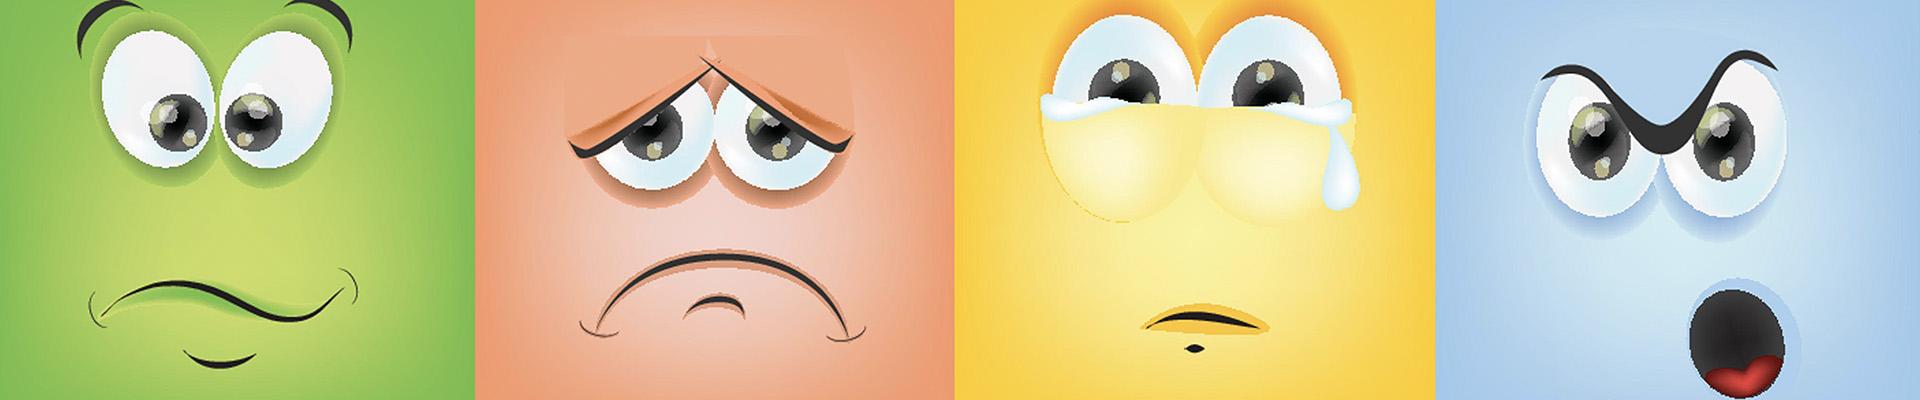 Four emotion faces